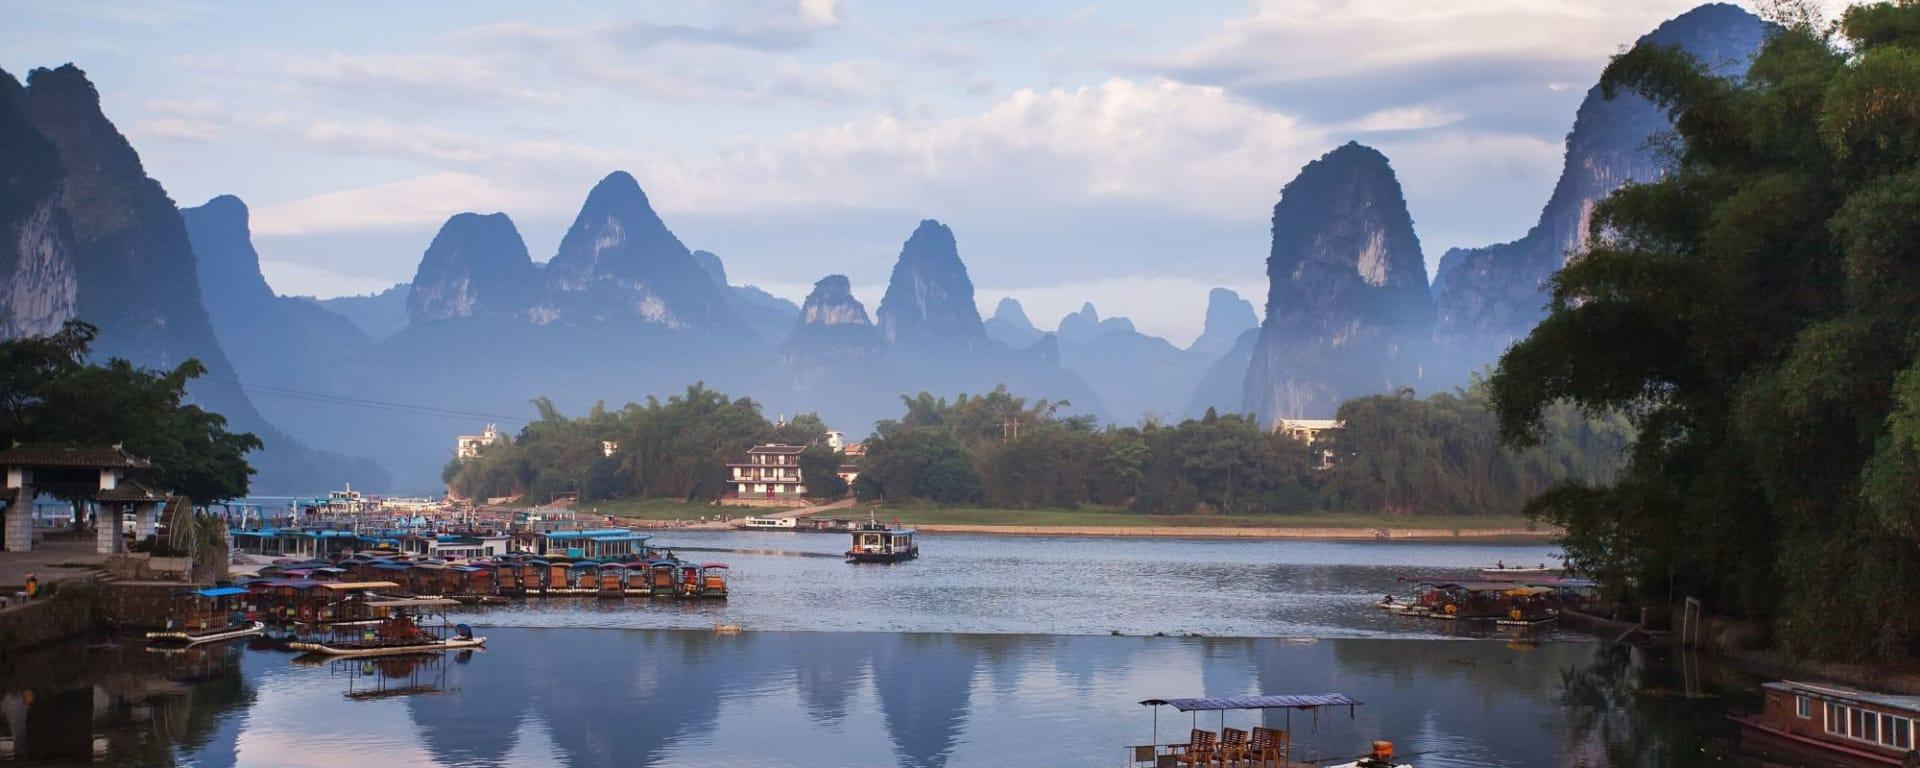 Les hauts lieux de la Chine de Pékin: Yangshuo: karst mountain landscape and reflection